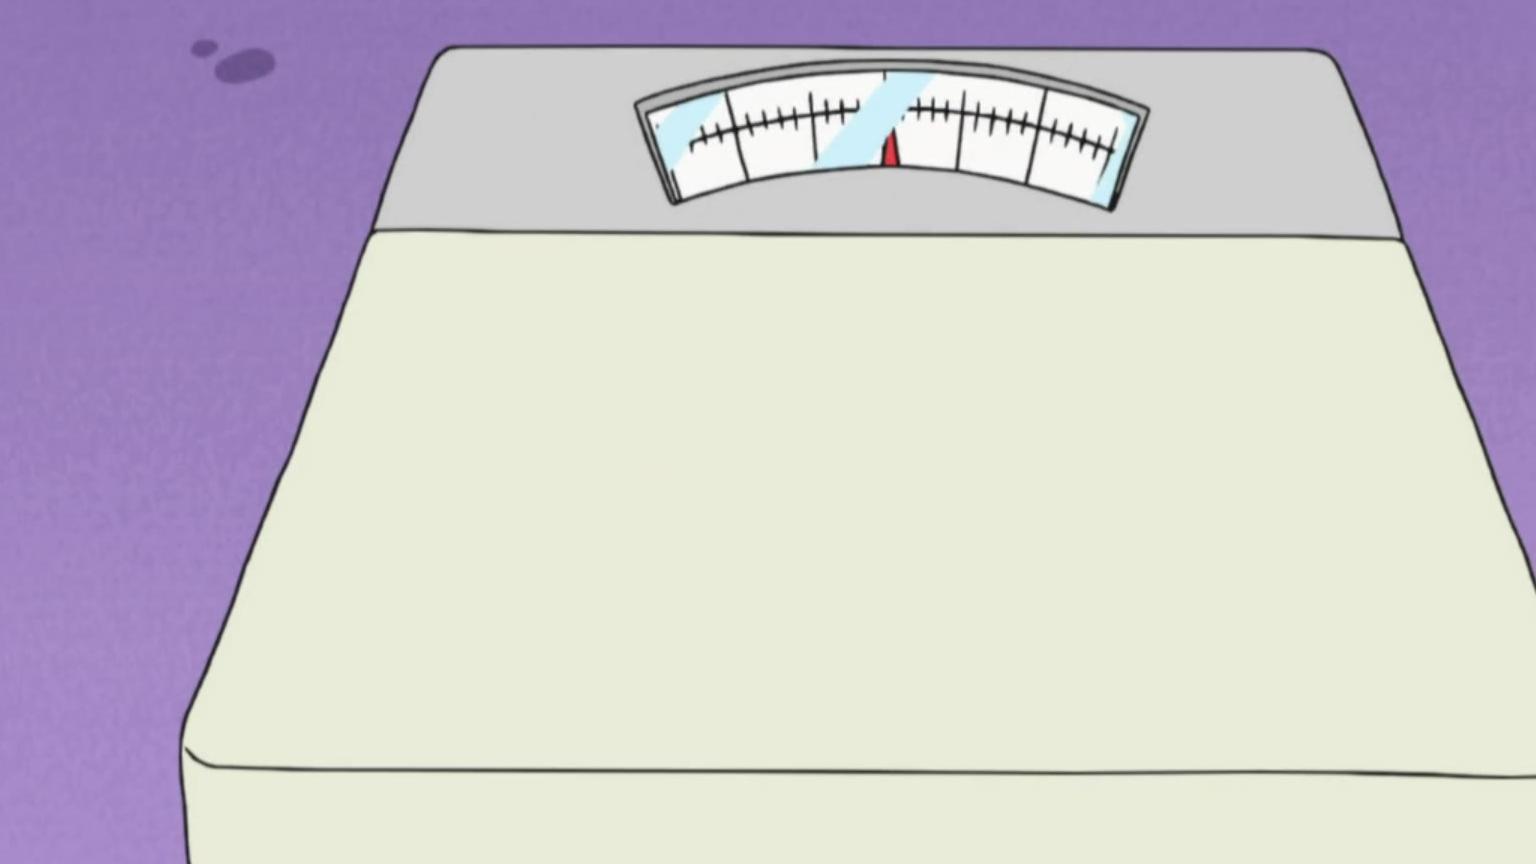 坚持不懈的减肥